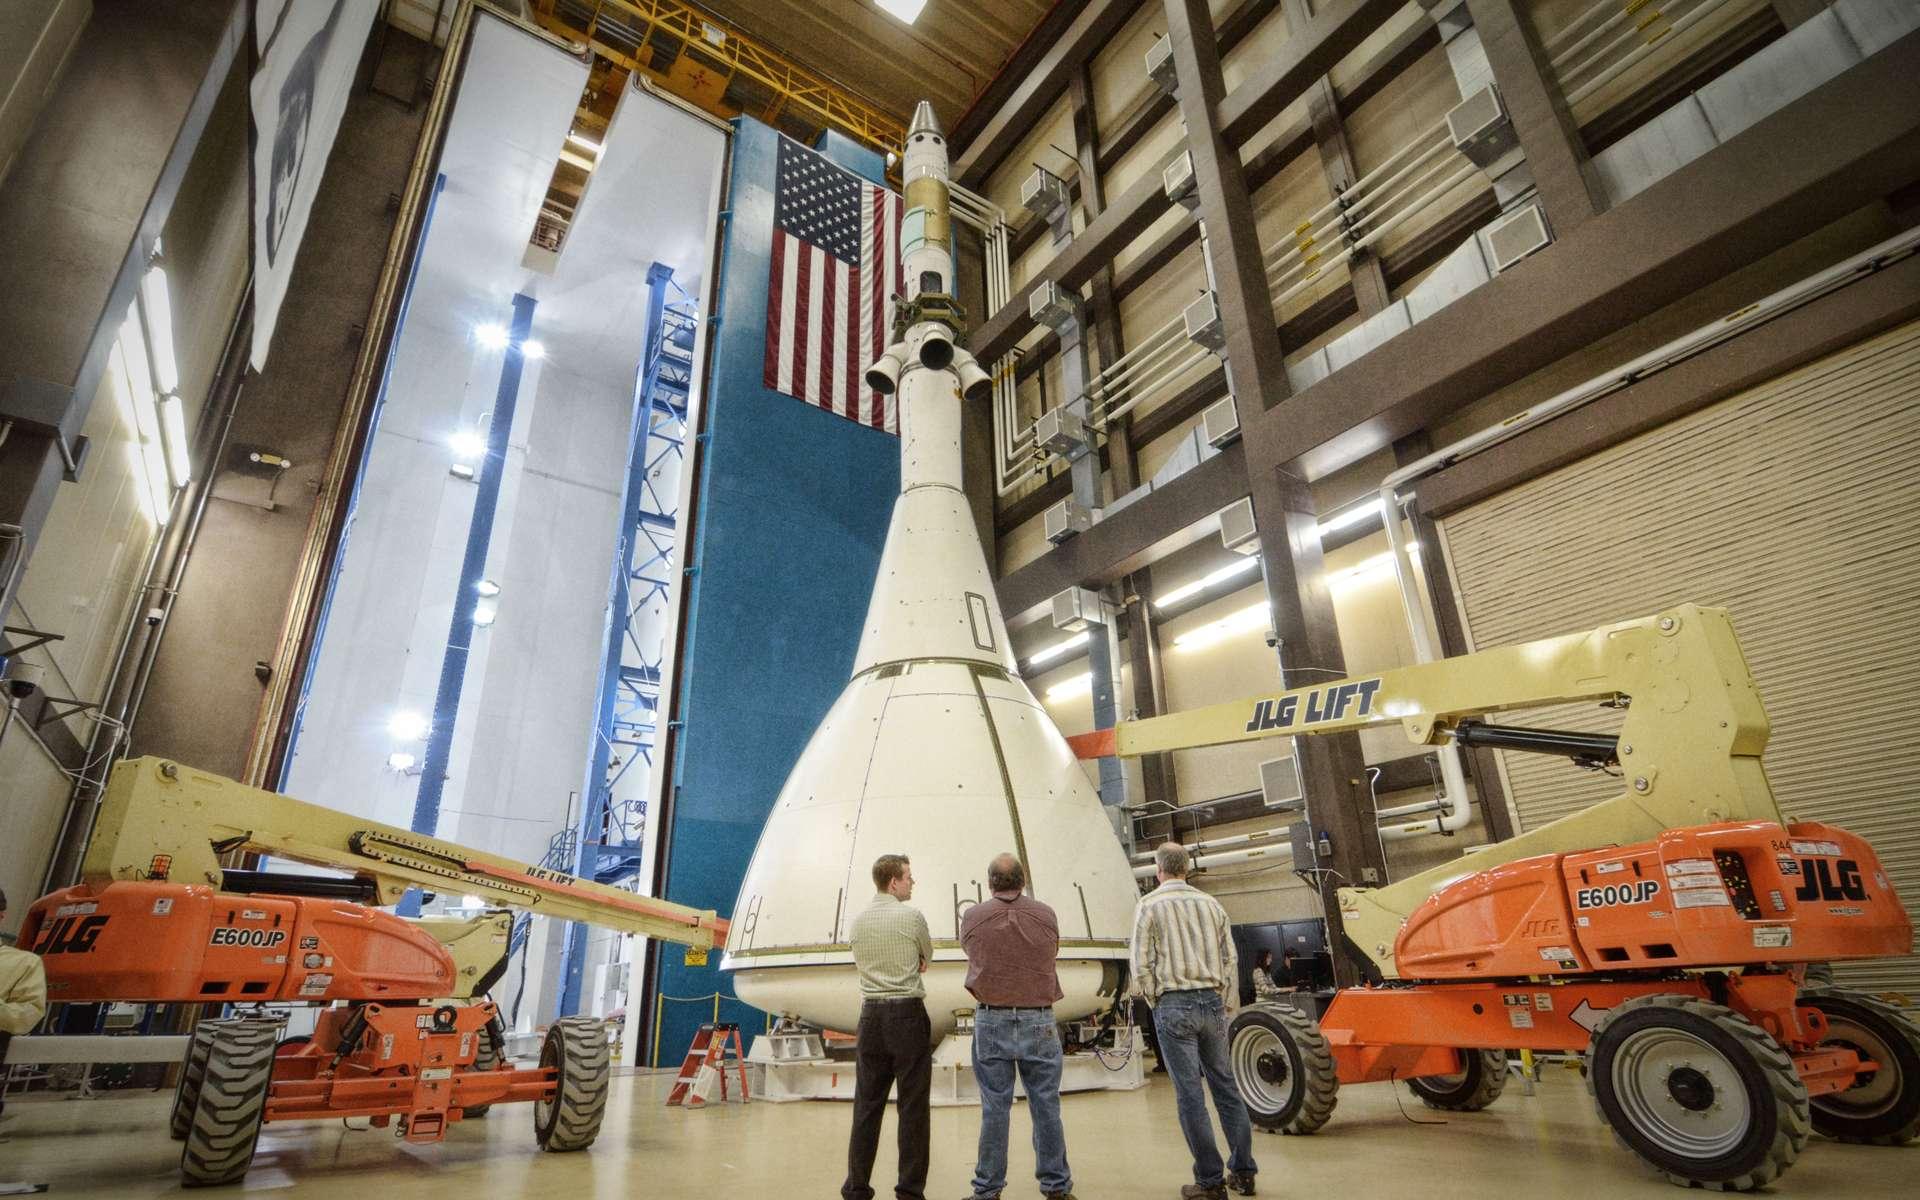 Oubliées les navettes en forme d'avion spatial. Pour accéder à la Station spatiale et voyager dans l'espace, la Nasa remet au goût du jour les capsules spatiales comme cet Orion-MPCV dont le premier vol d'essai est prévu en 2014. © Nasa